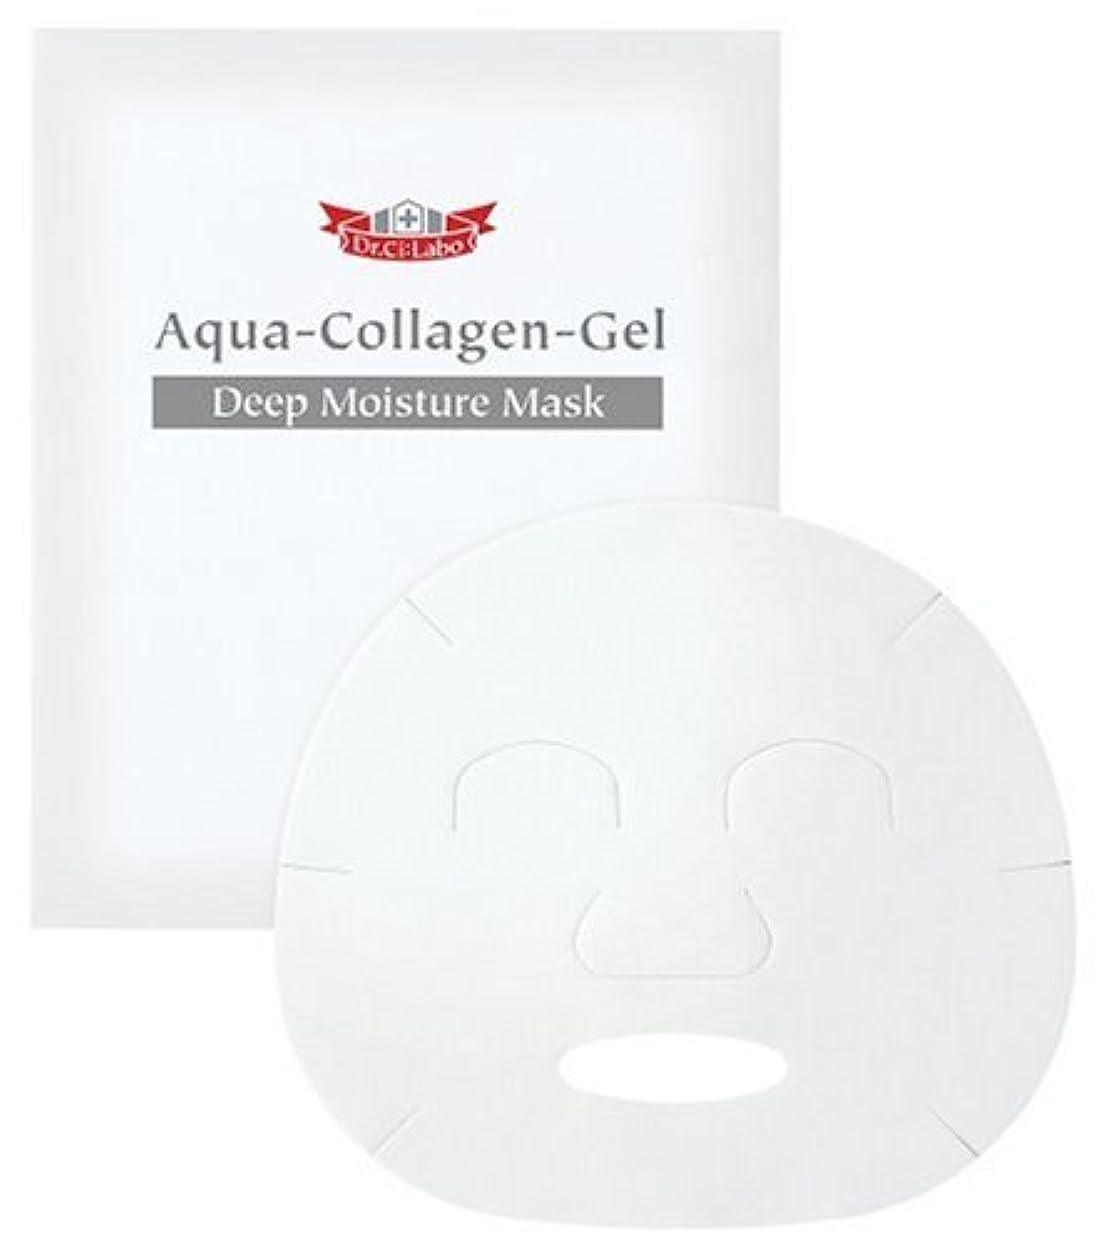 つかむ引き受ける失効ドクターシーラボ アクアコラーゲンゲル ディープモイスチャー マスク  5枚入り